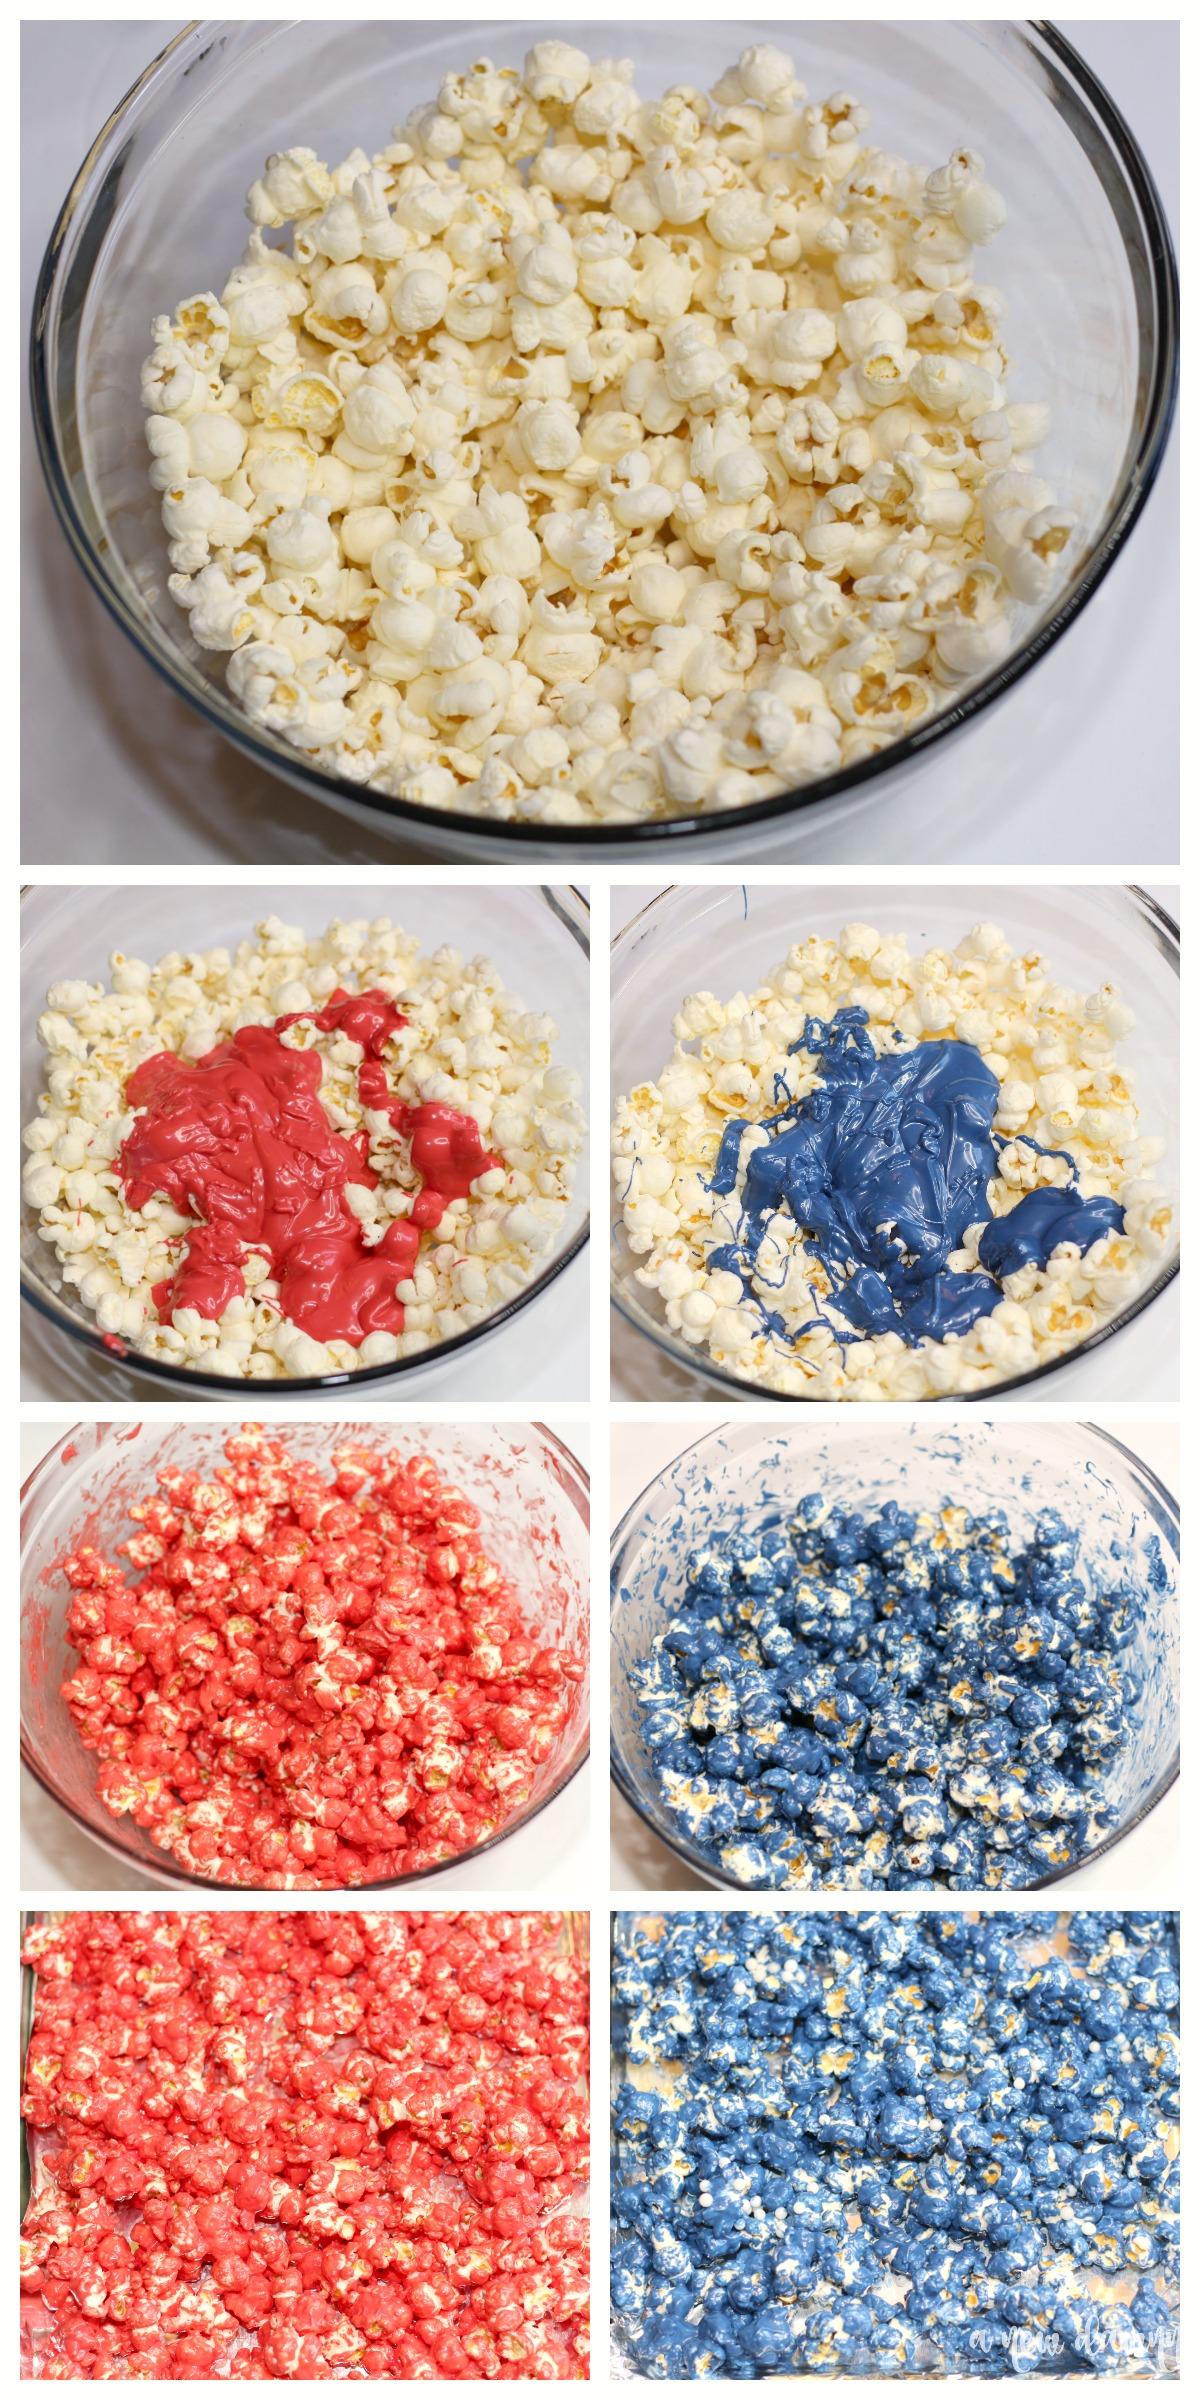 steps to make the patriotic popcorn